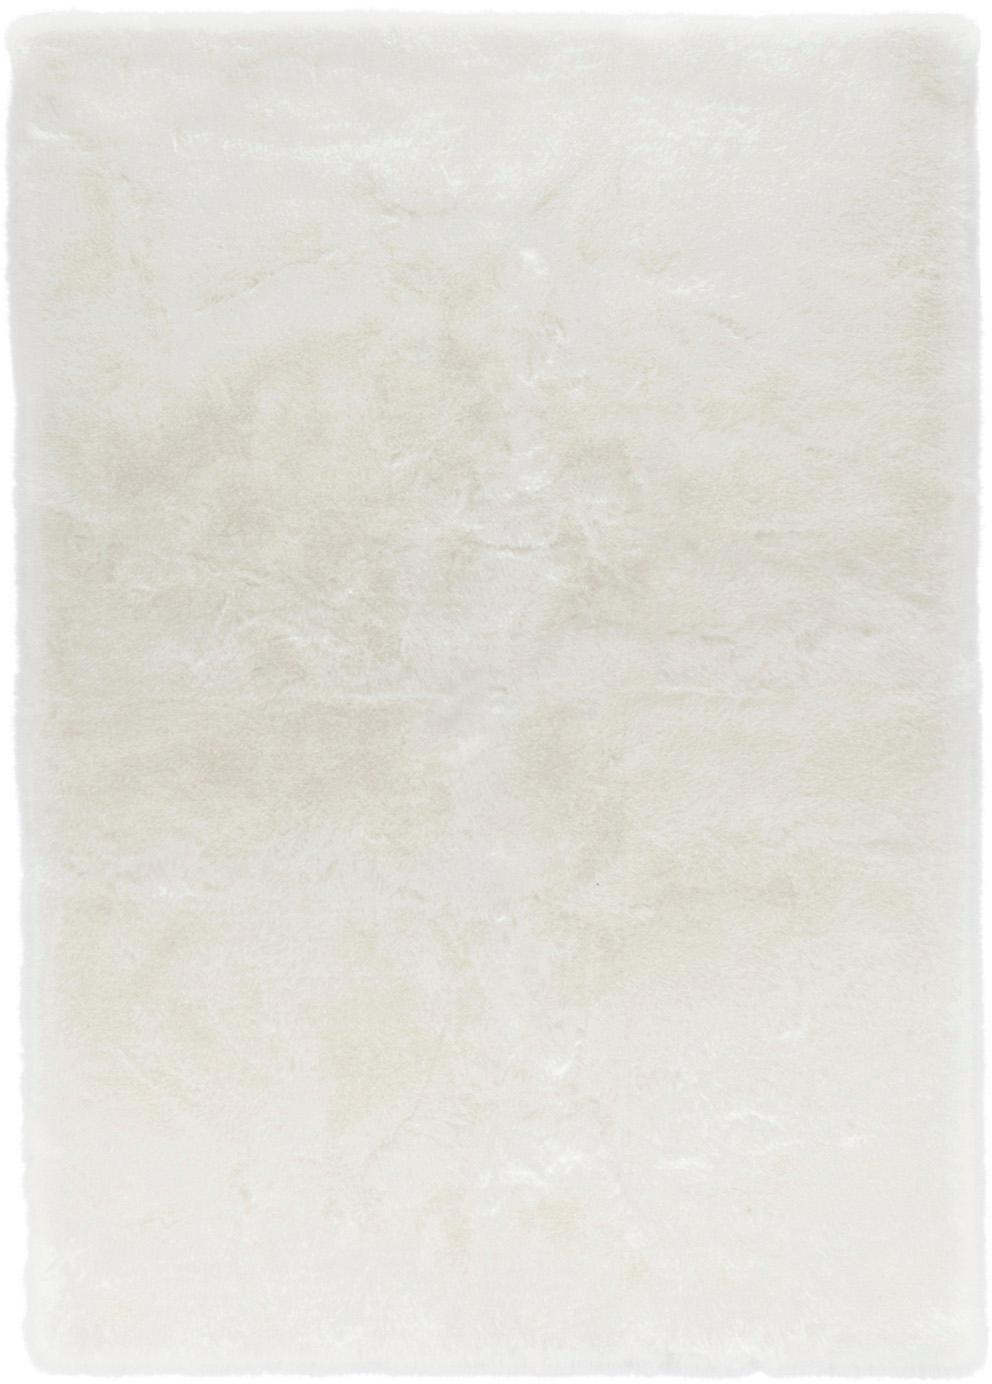 Pluizig hoogpolig vloerkleed Superior van imitatievacht, Bovenzijde: 95% acryl, 5% polyester, Onderzijde: kunstleer, Wit, B 120 x L 170 cm (maat S)